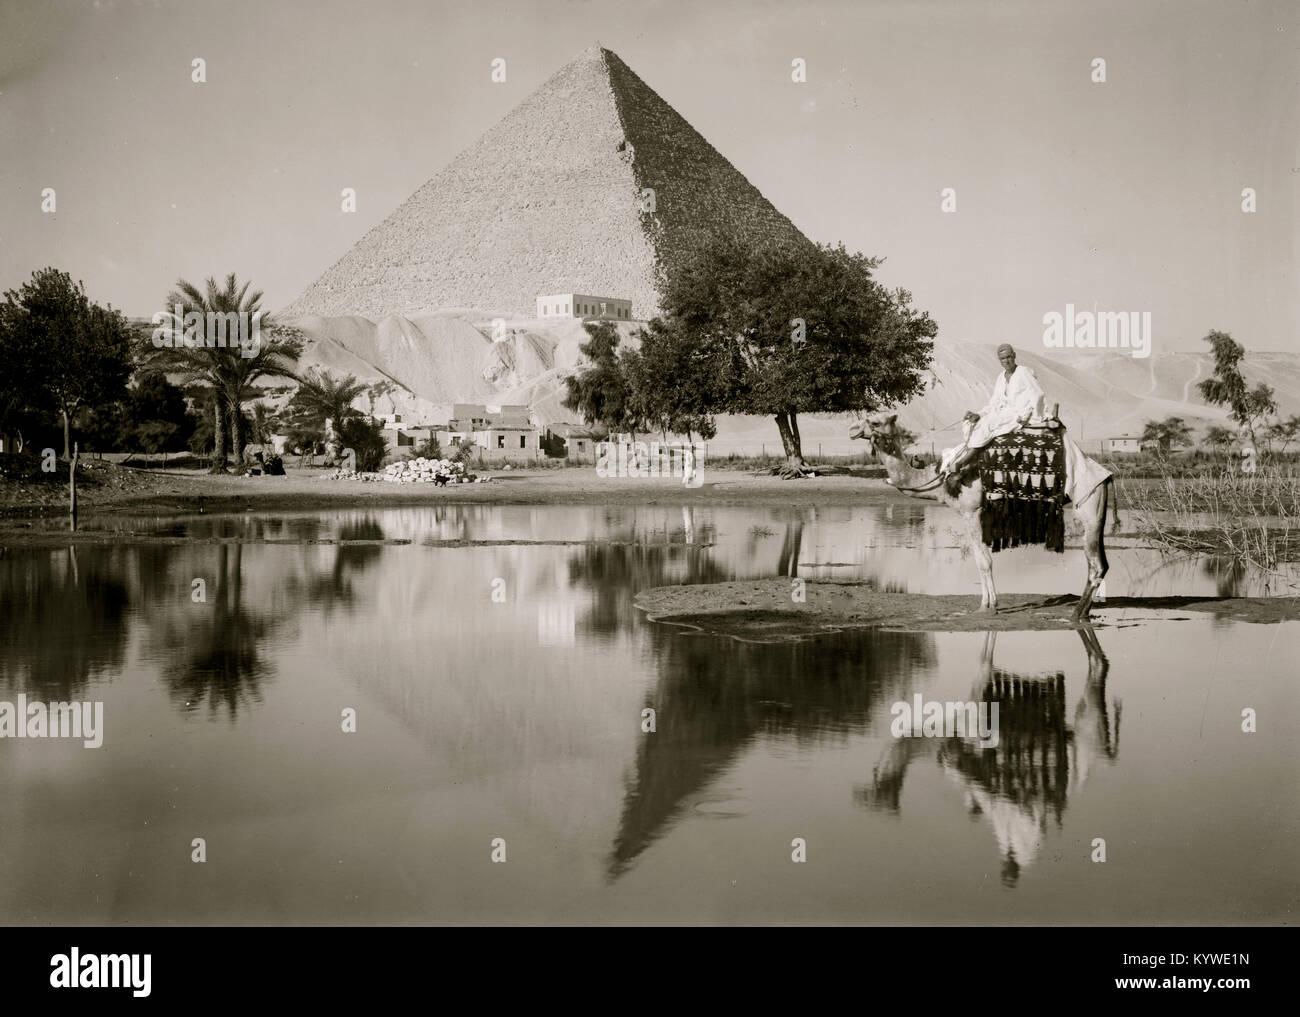 Der Kiosk des Kaisers Trajan (Pharaos Bett), Insel Philae, Ägypten. Stockbild